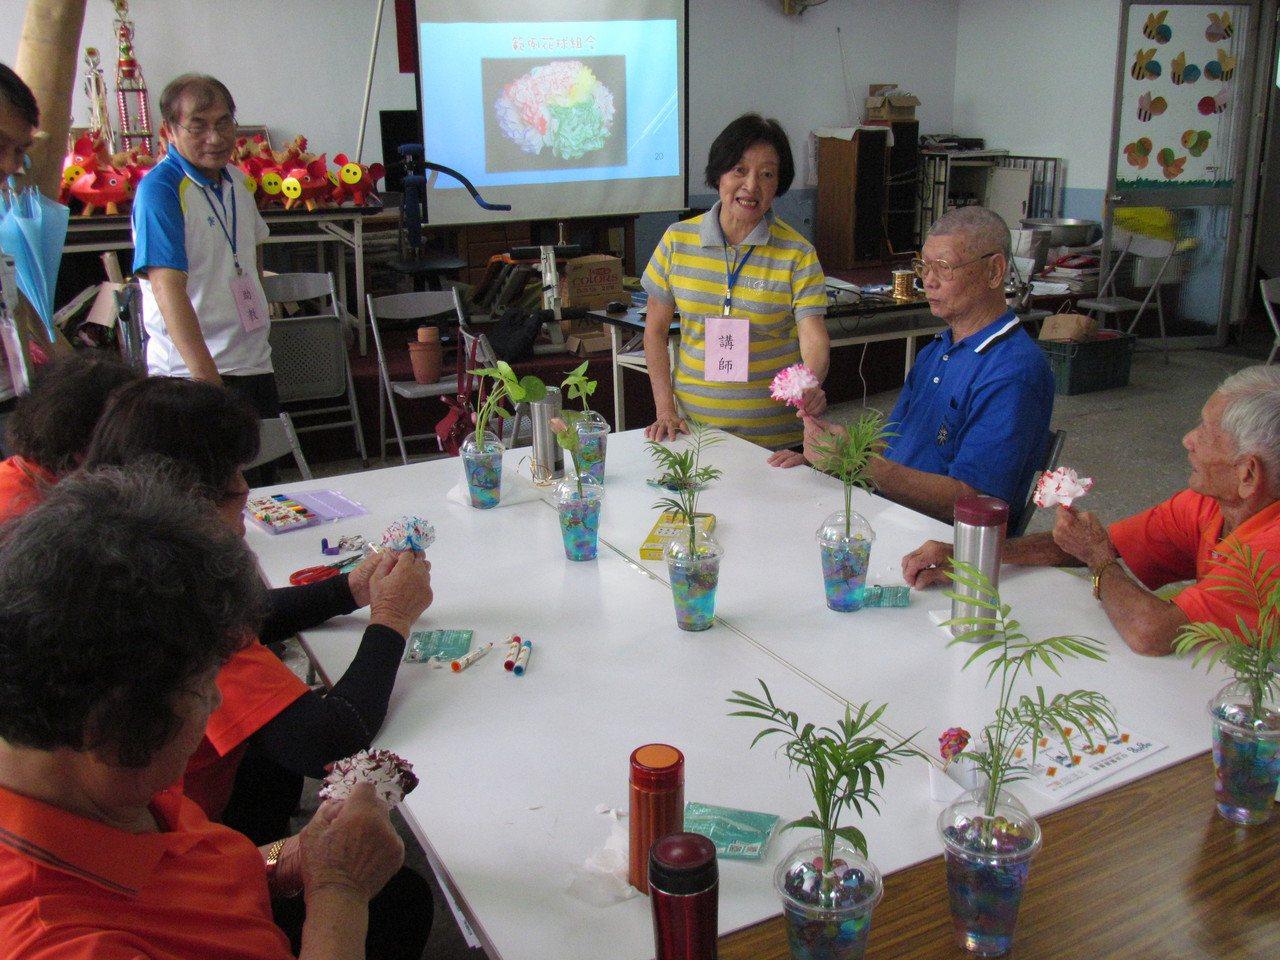 74歲的郭麗華(右三)退休前從事教育訓練及行銷工作,口才便給,熱愛園藝的她化身講...